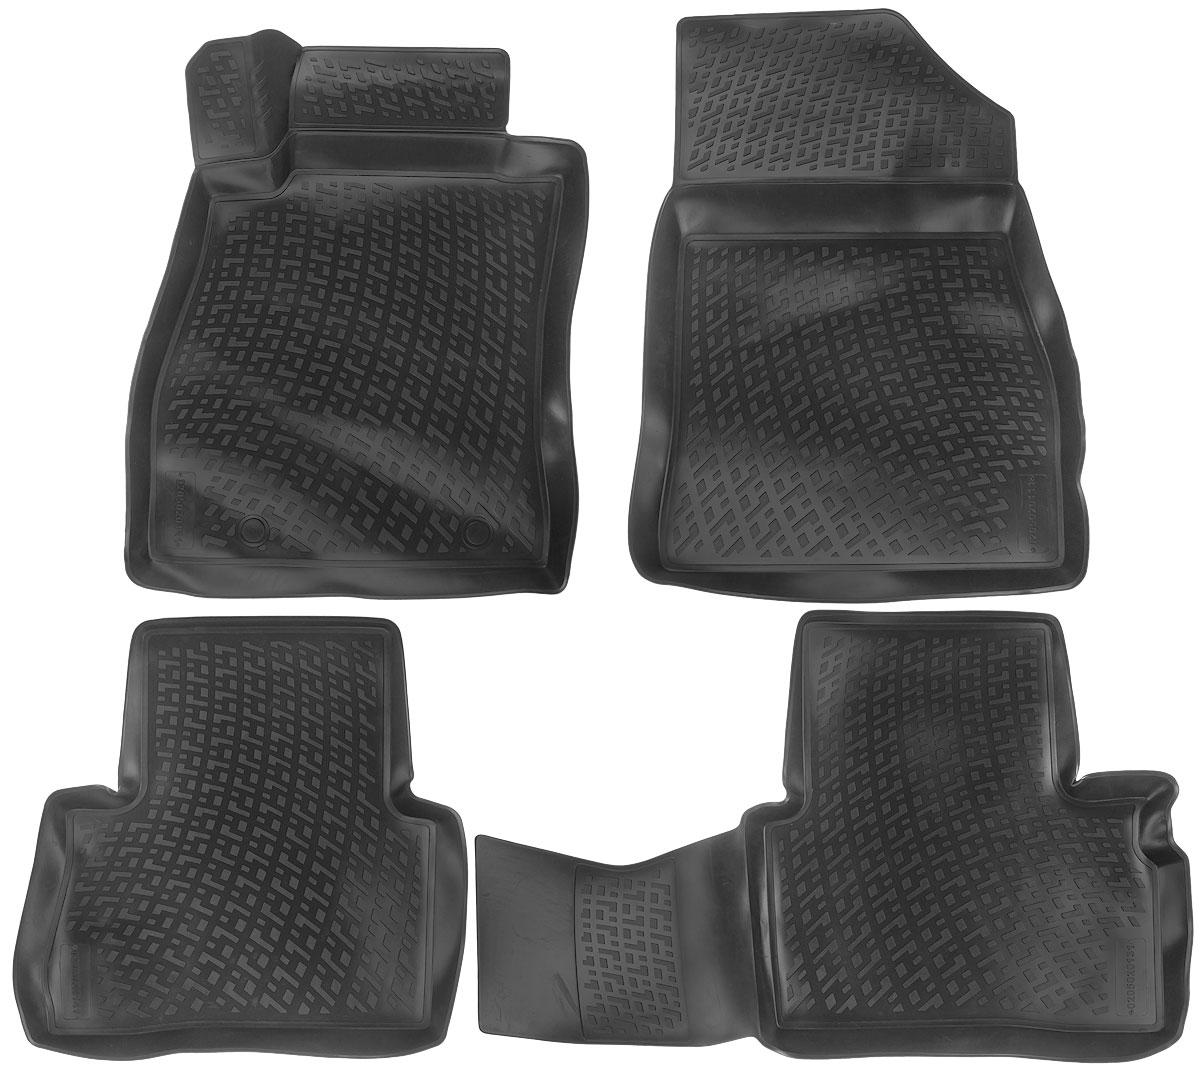 Набор автомобильных ковриков L.Locker Nissan Juke 2010, в салон, 4 шт0205020101Набор L.Locker Nissan Juke 2010, изготовленный из полиуретана, состоит из 4 антискользящих 3D ковриков, которые производятся индивидуально для каждой модели автомобиля. Изделие точно повторяет геометрию пола автомобиля, имеет высокий борт, обладает повышенной износоустойчивостью, лишено резкого запаха и сохраняет свои потребительские свойства в широком диапазоне температур от -50°С до +50°С. Комплектация: 4 шт. Размер ковриков: 92 см х 57 см; 57 см х 56 см; 72 см х 58 см; 77 см х 58 см.